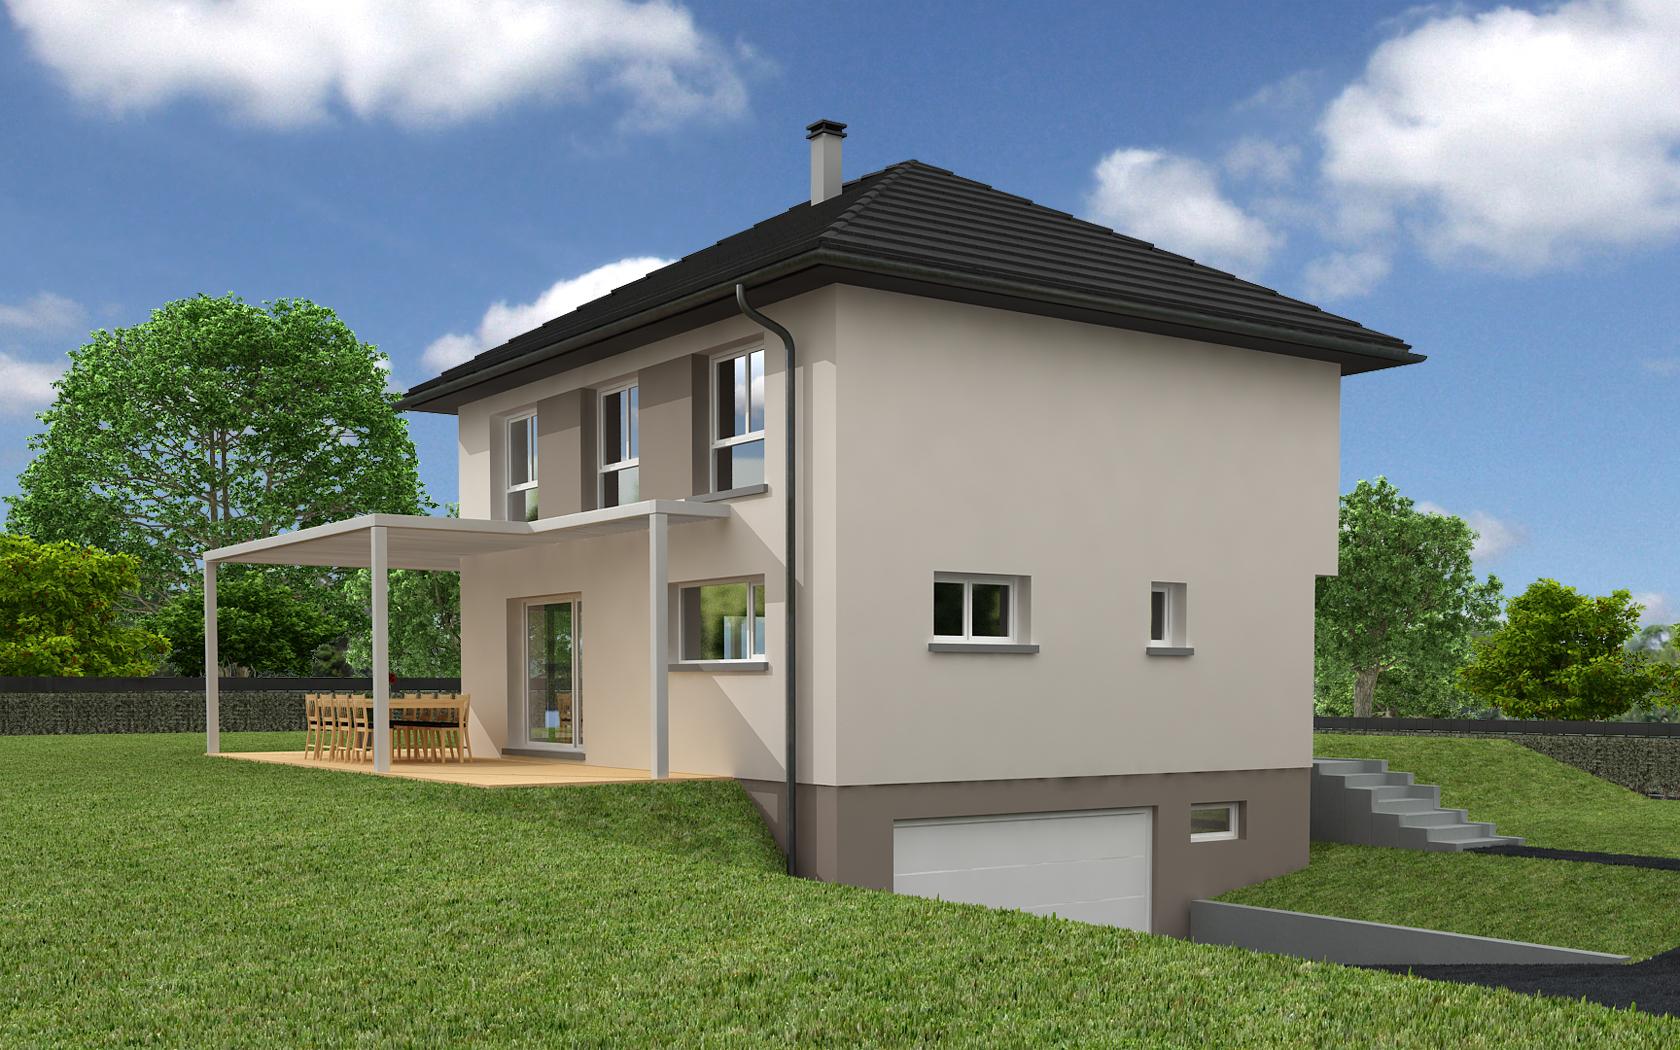 Terrains du constructeur CREAGES • 457 m² • HAGENTHAL LE HAUT